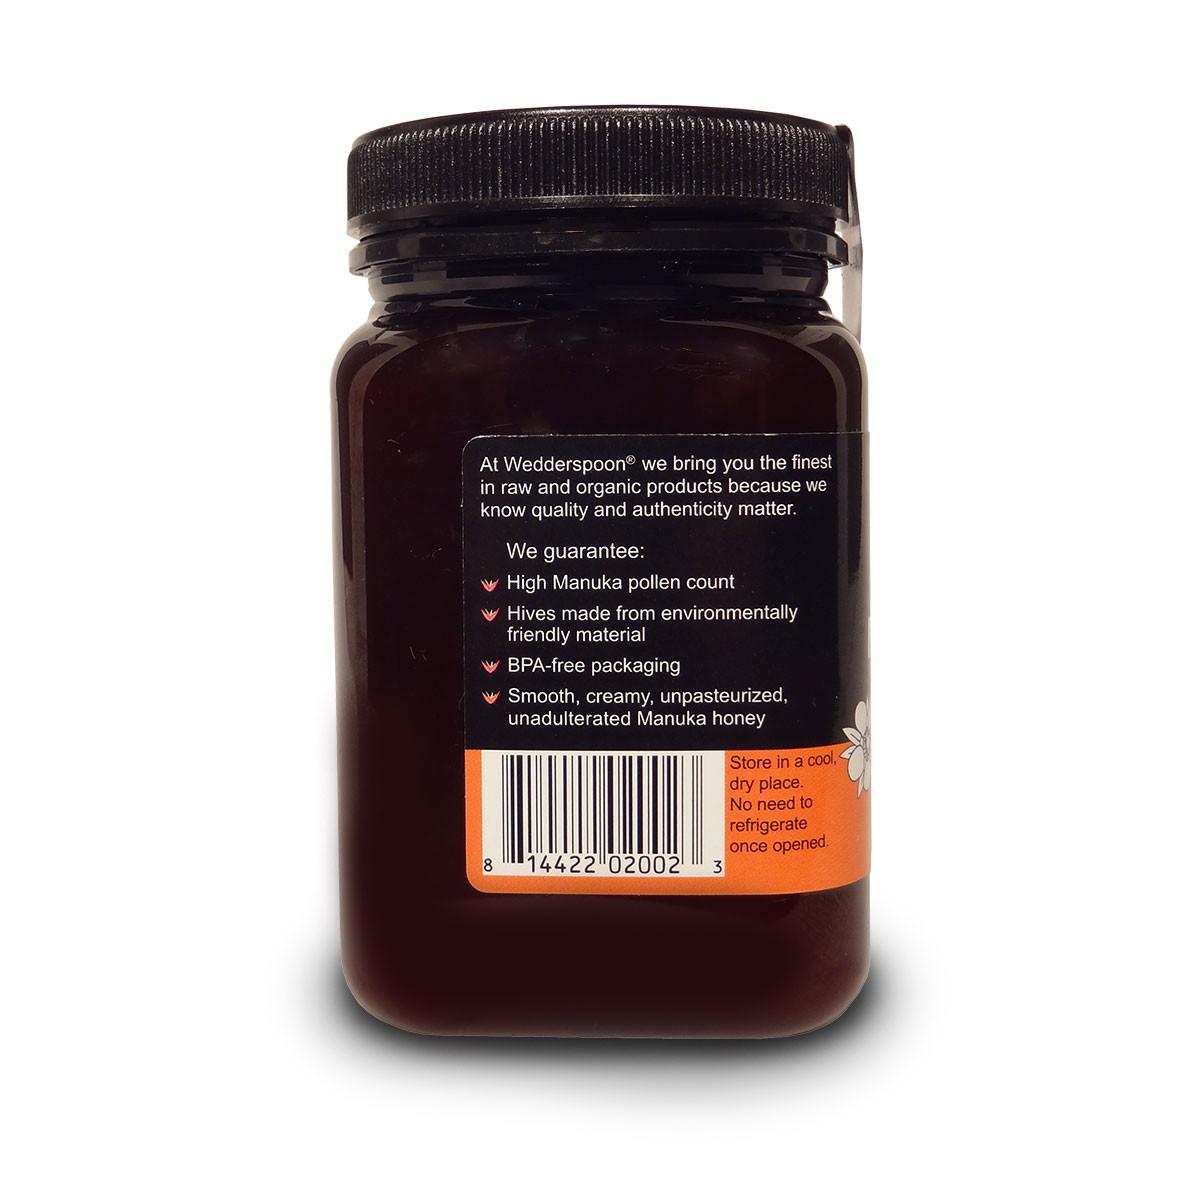 Wedderspoon Manuka Honey Whole Foods